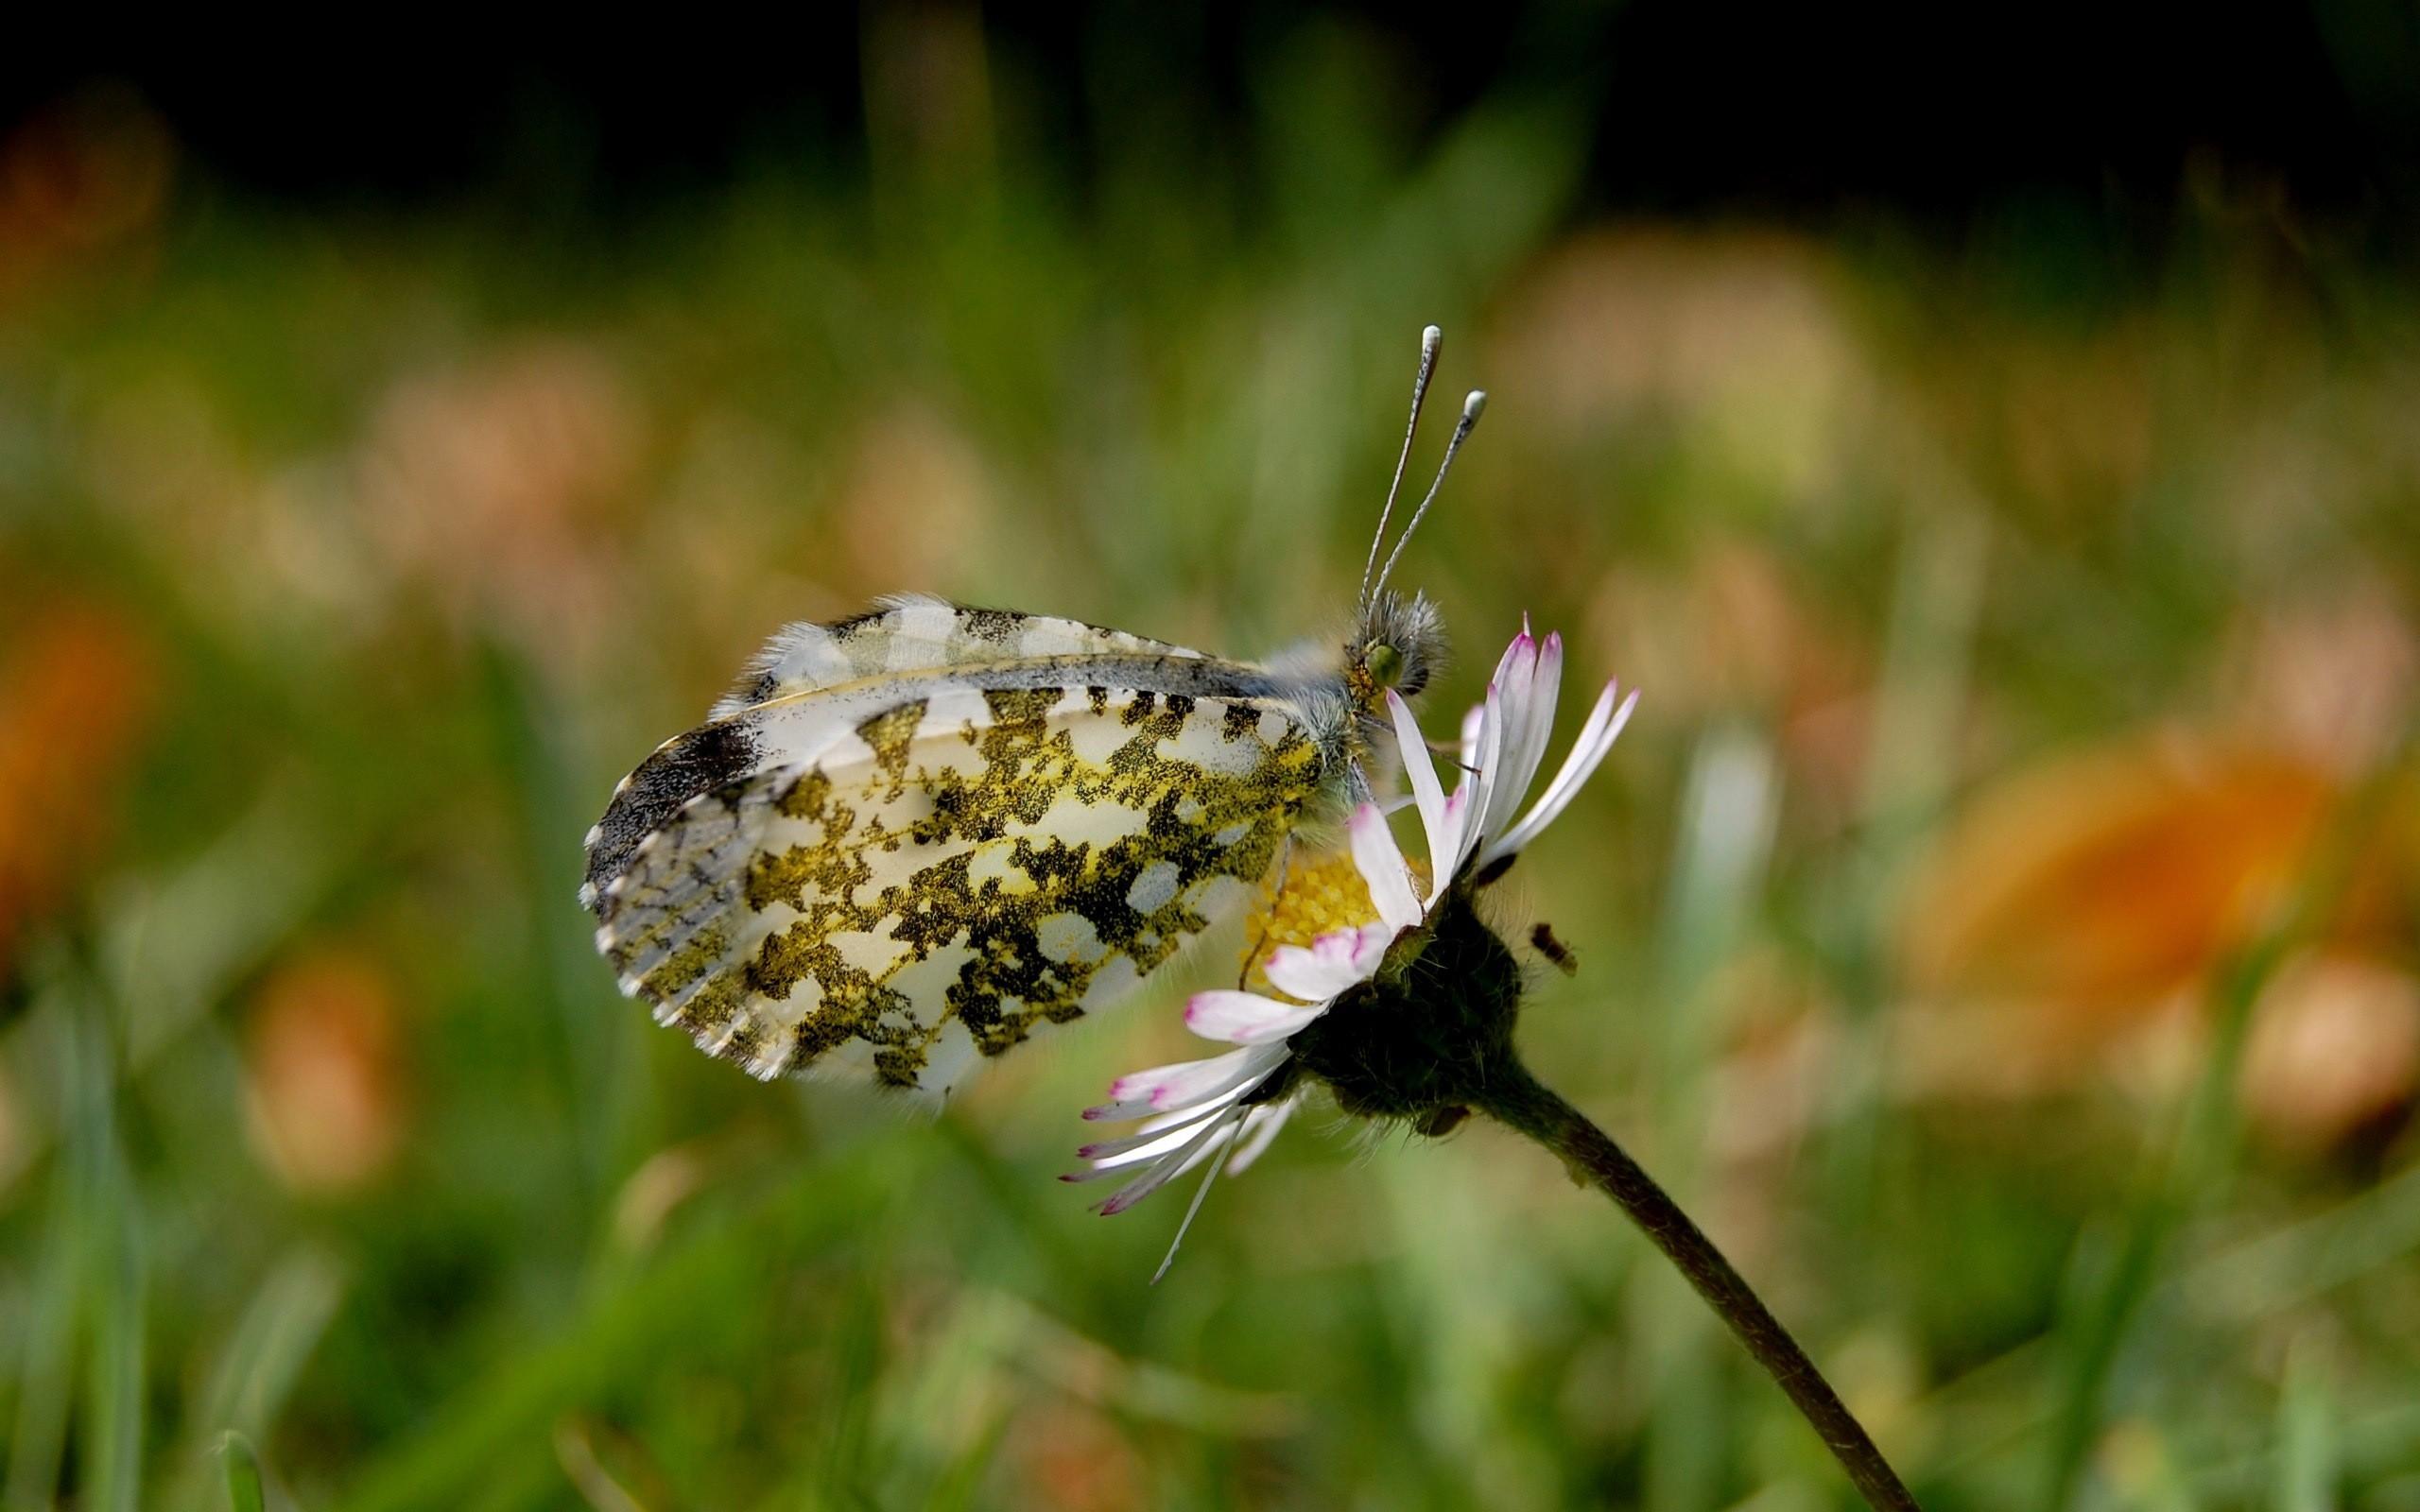 девушки банка природа животные бабочка трава скачать